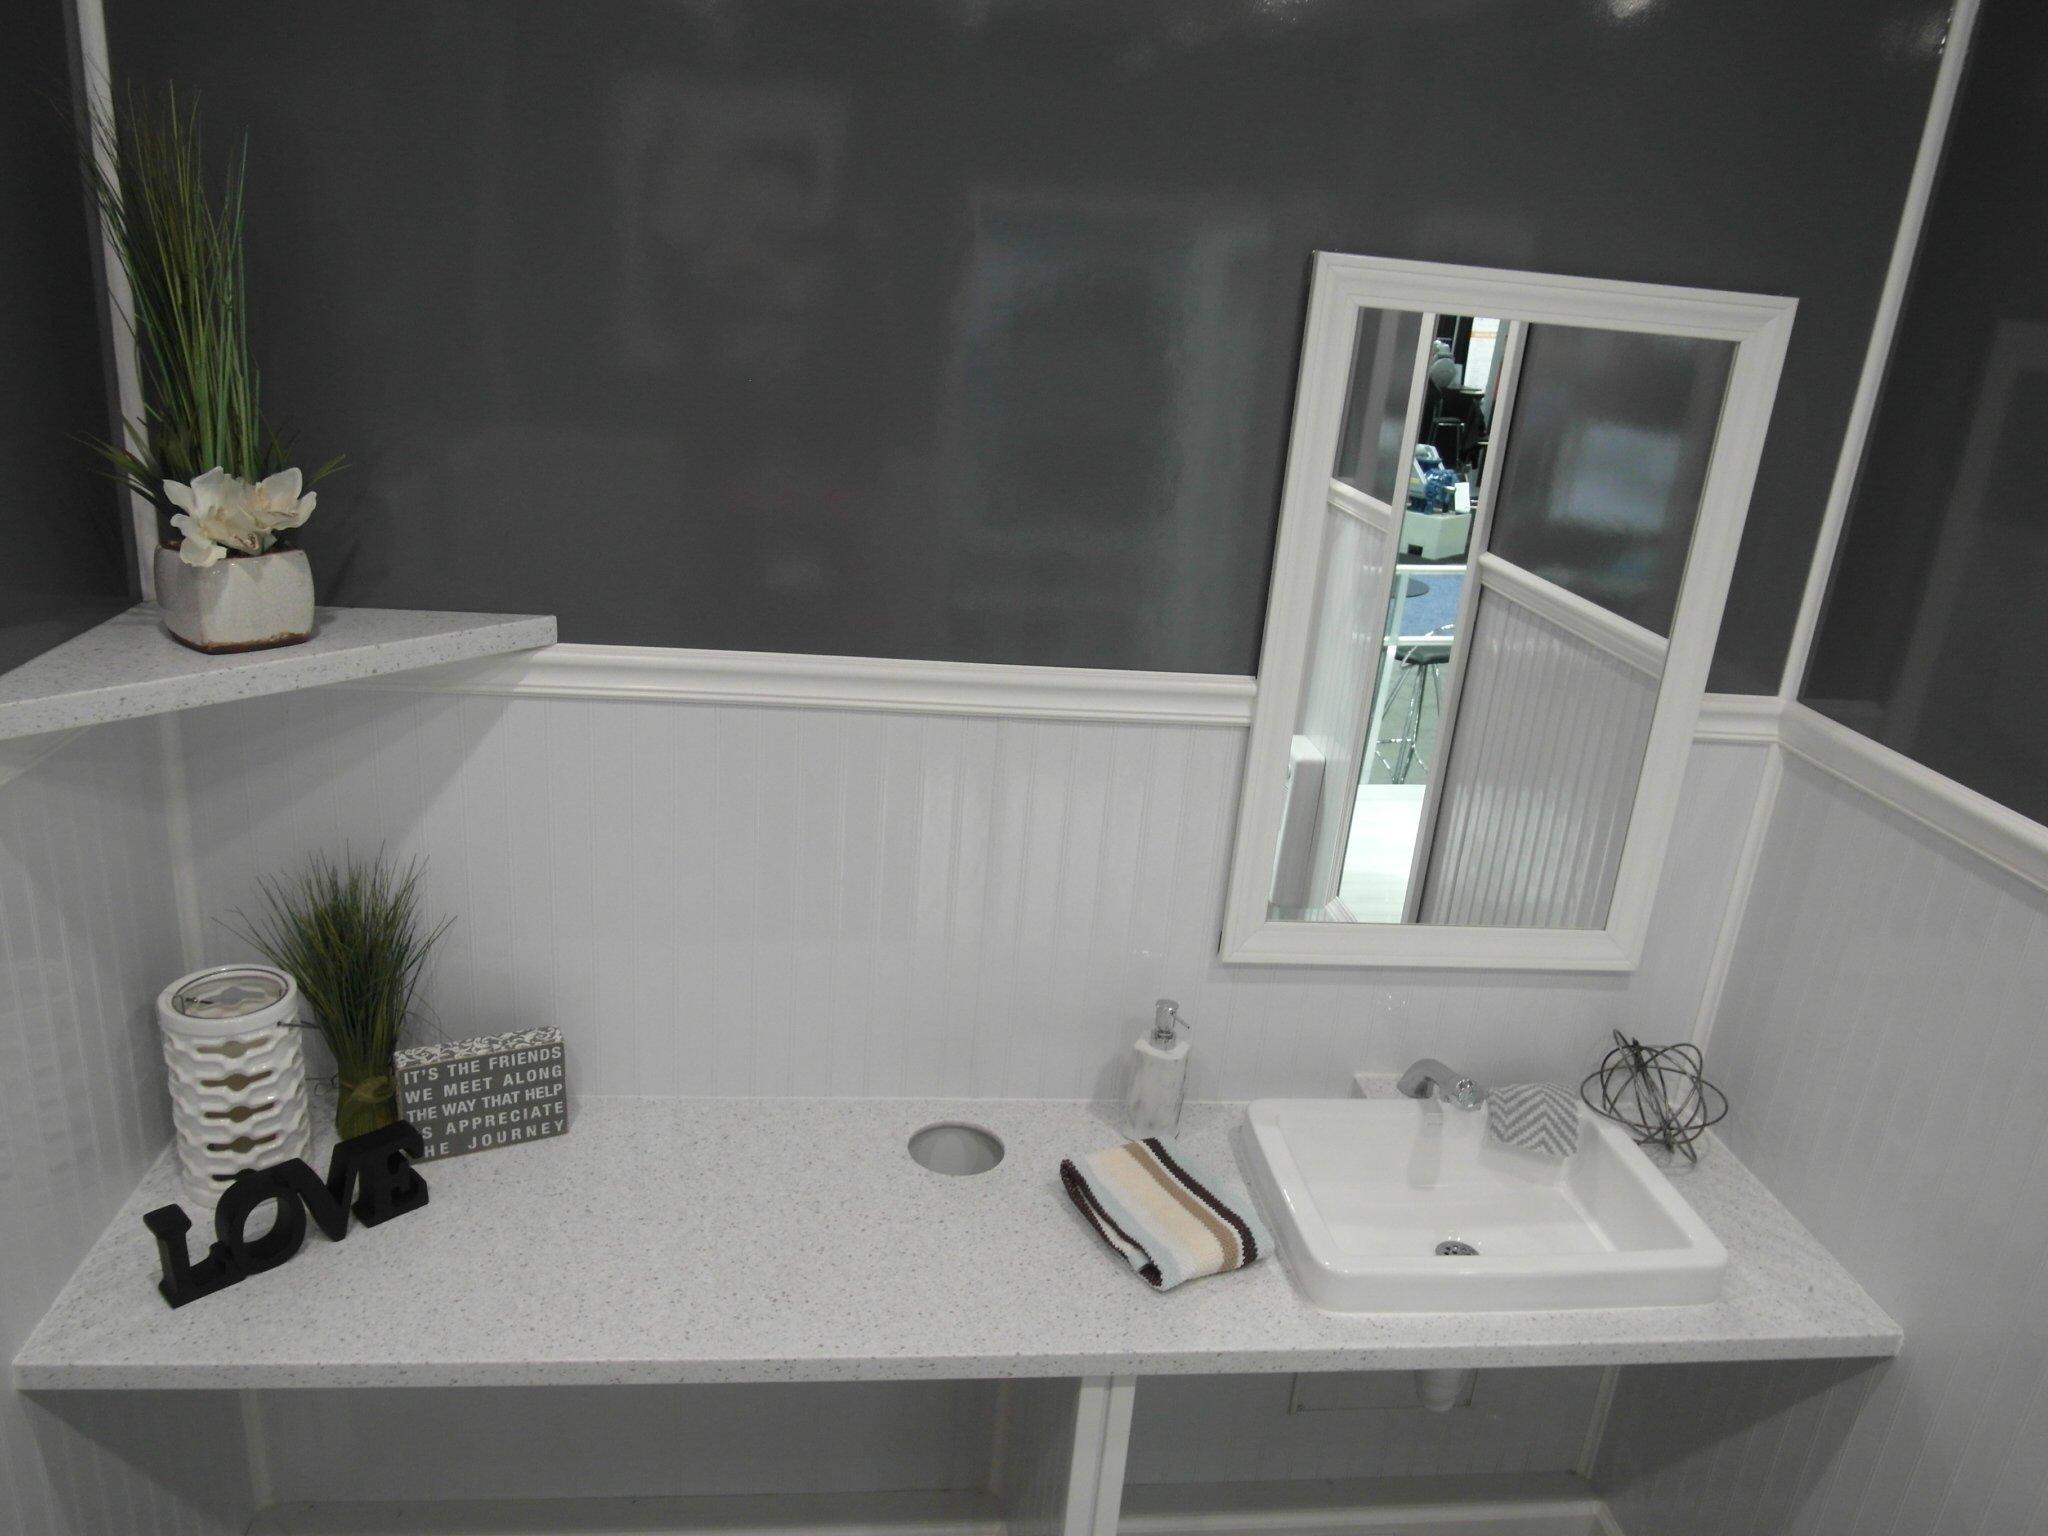 Shower and Restroom Trailer Rentals restroom trailer decor 2 - Businesses